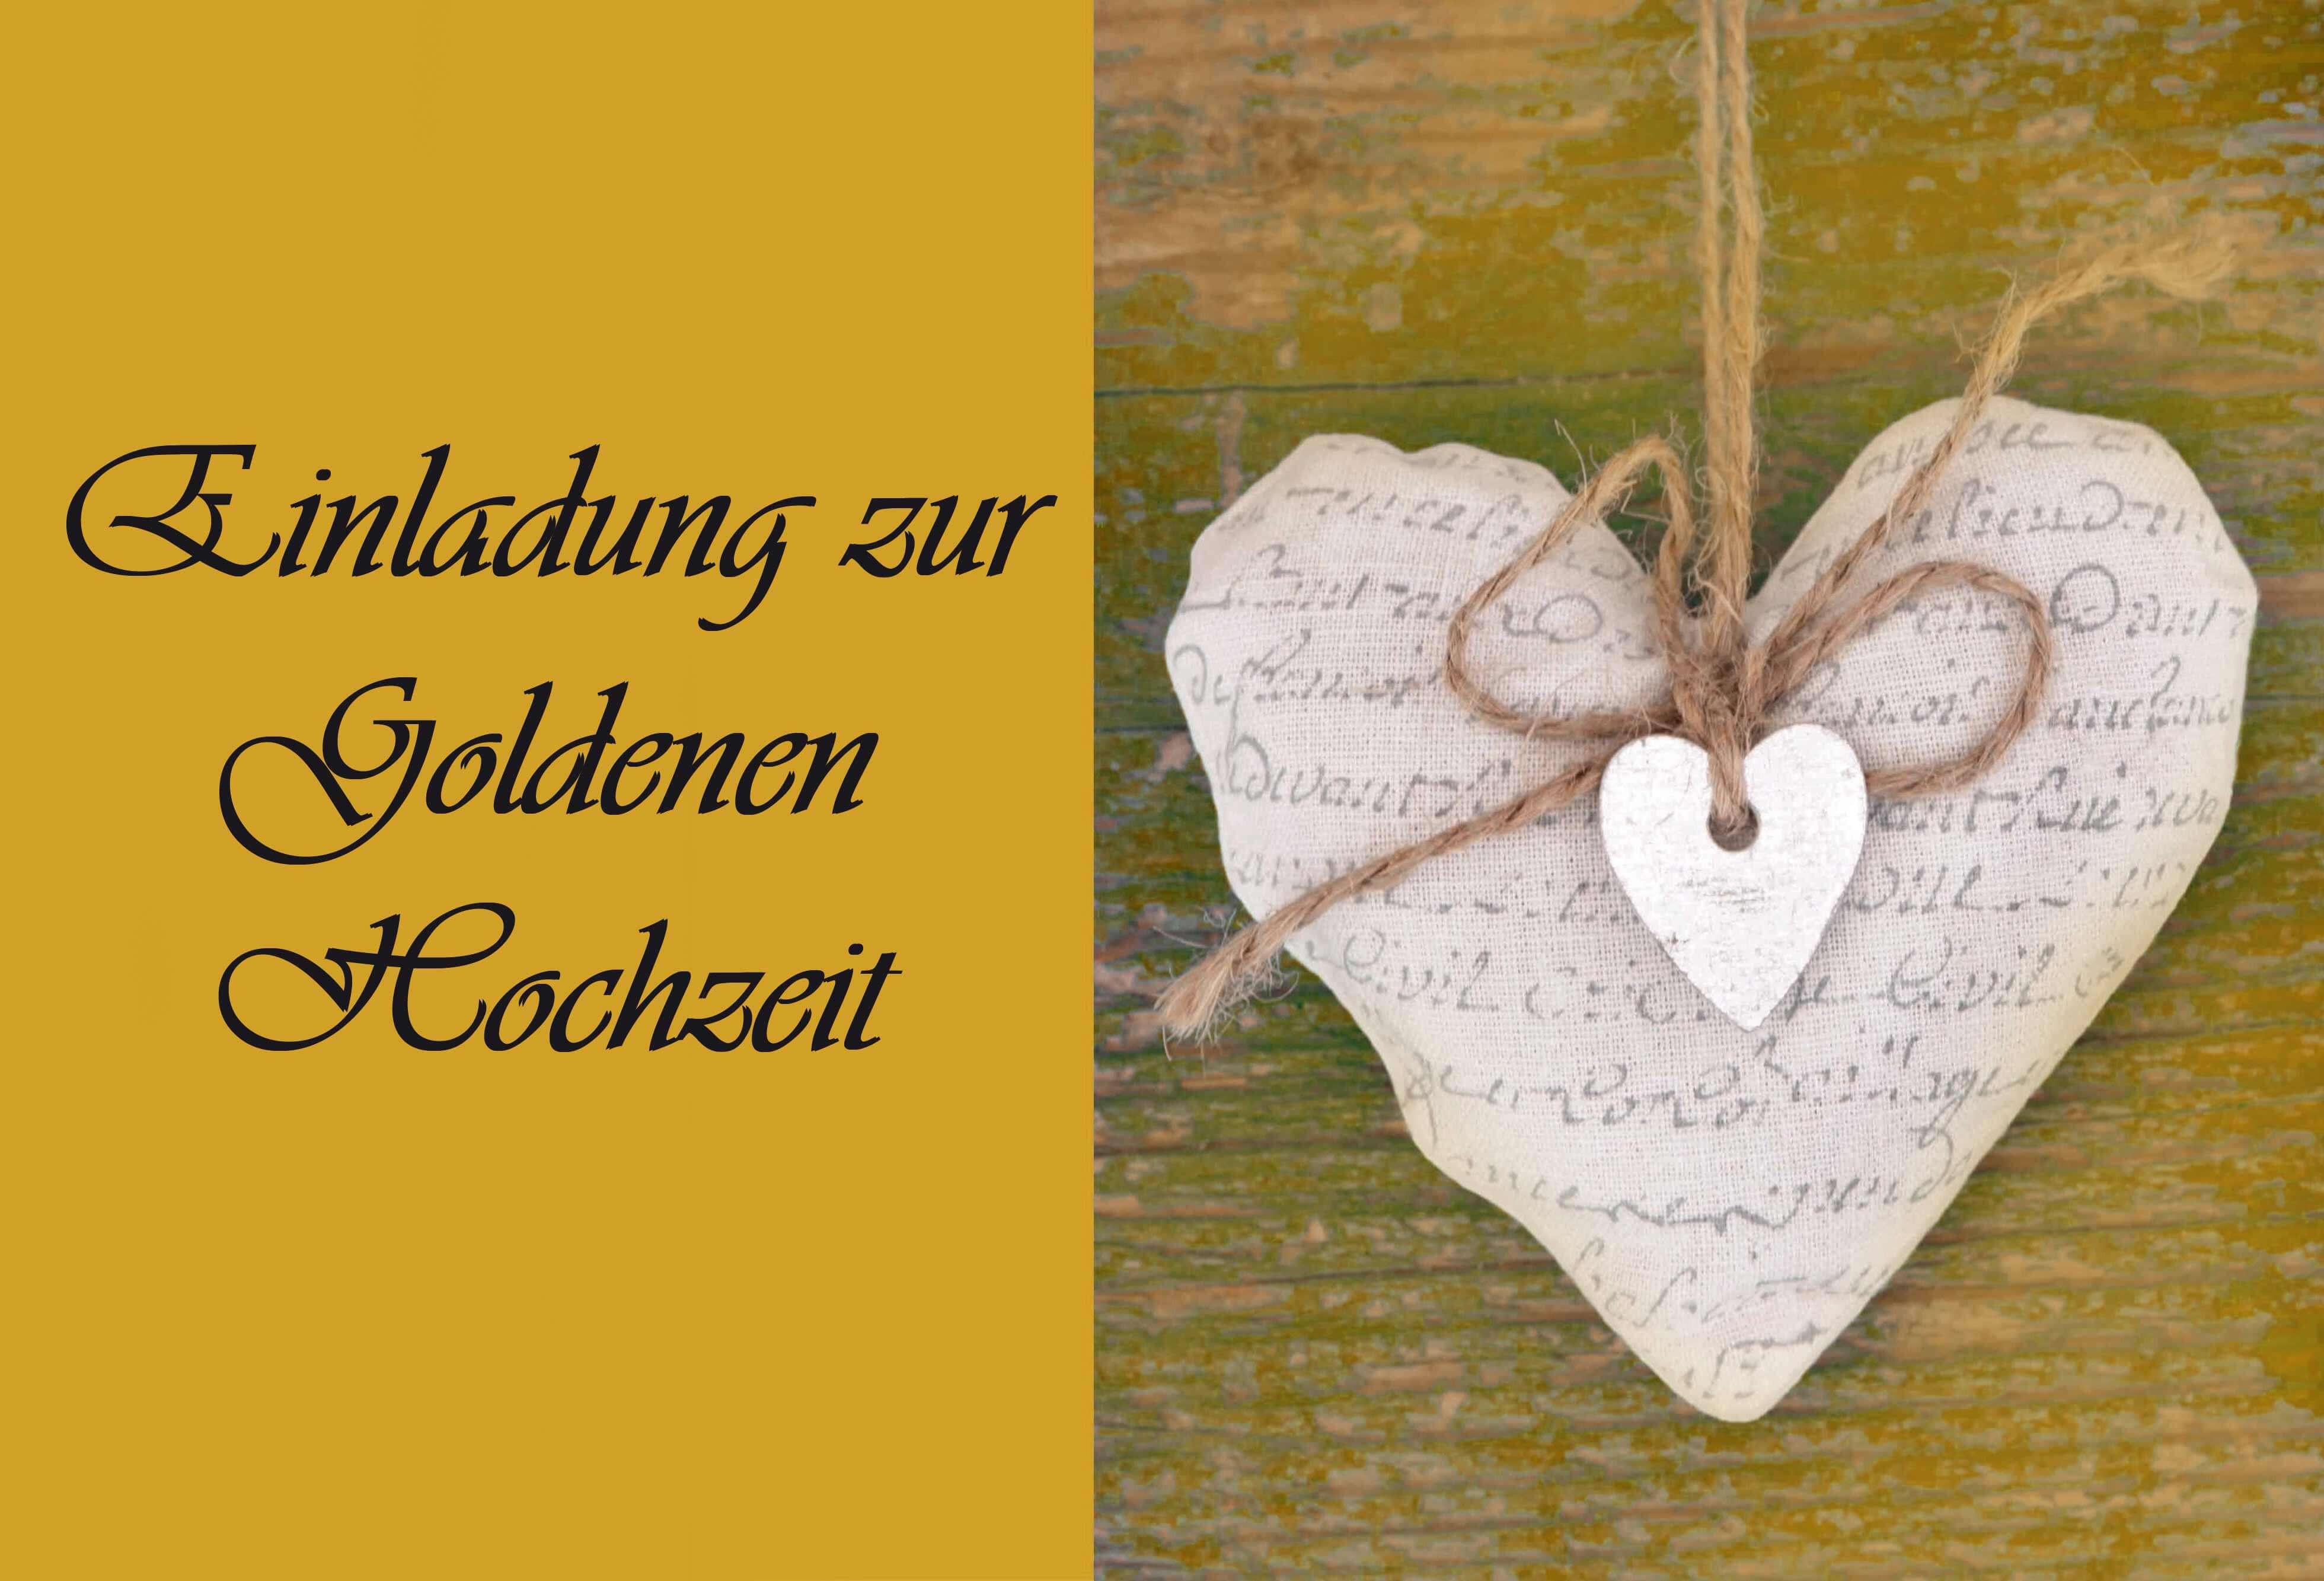 Einladungskarten Zur Goldenen Hochzeit  Goldene Hochzeit Einladungskarten Hochzeitsportal24